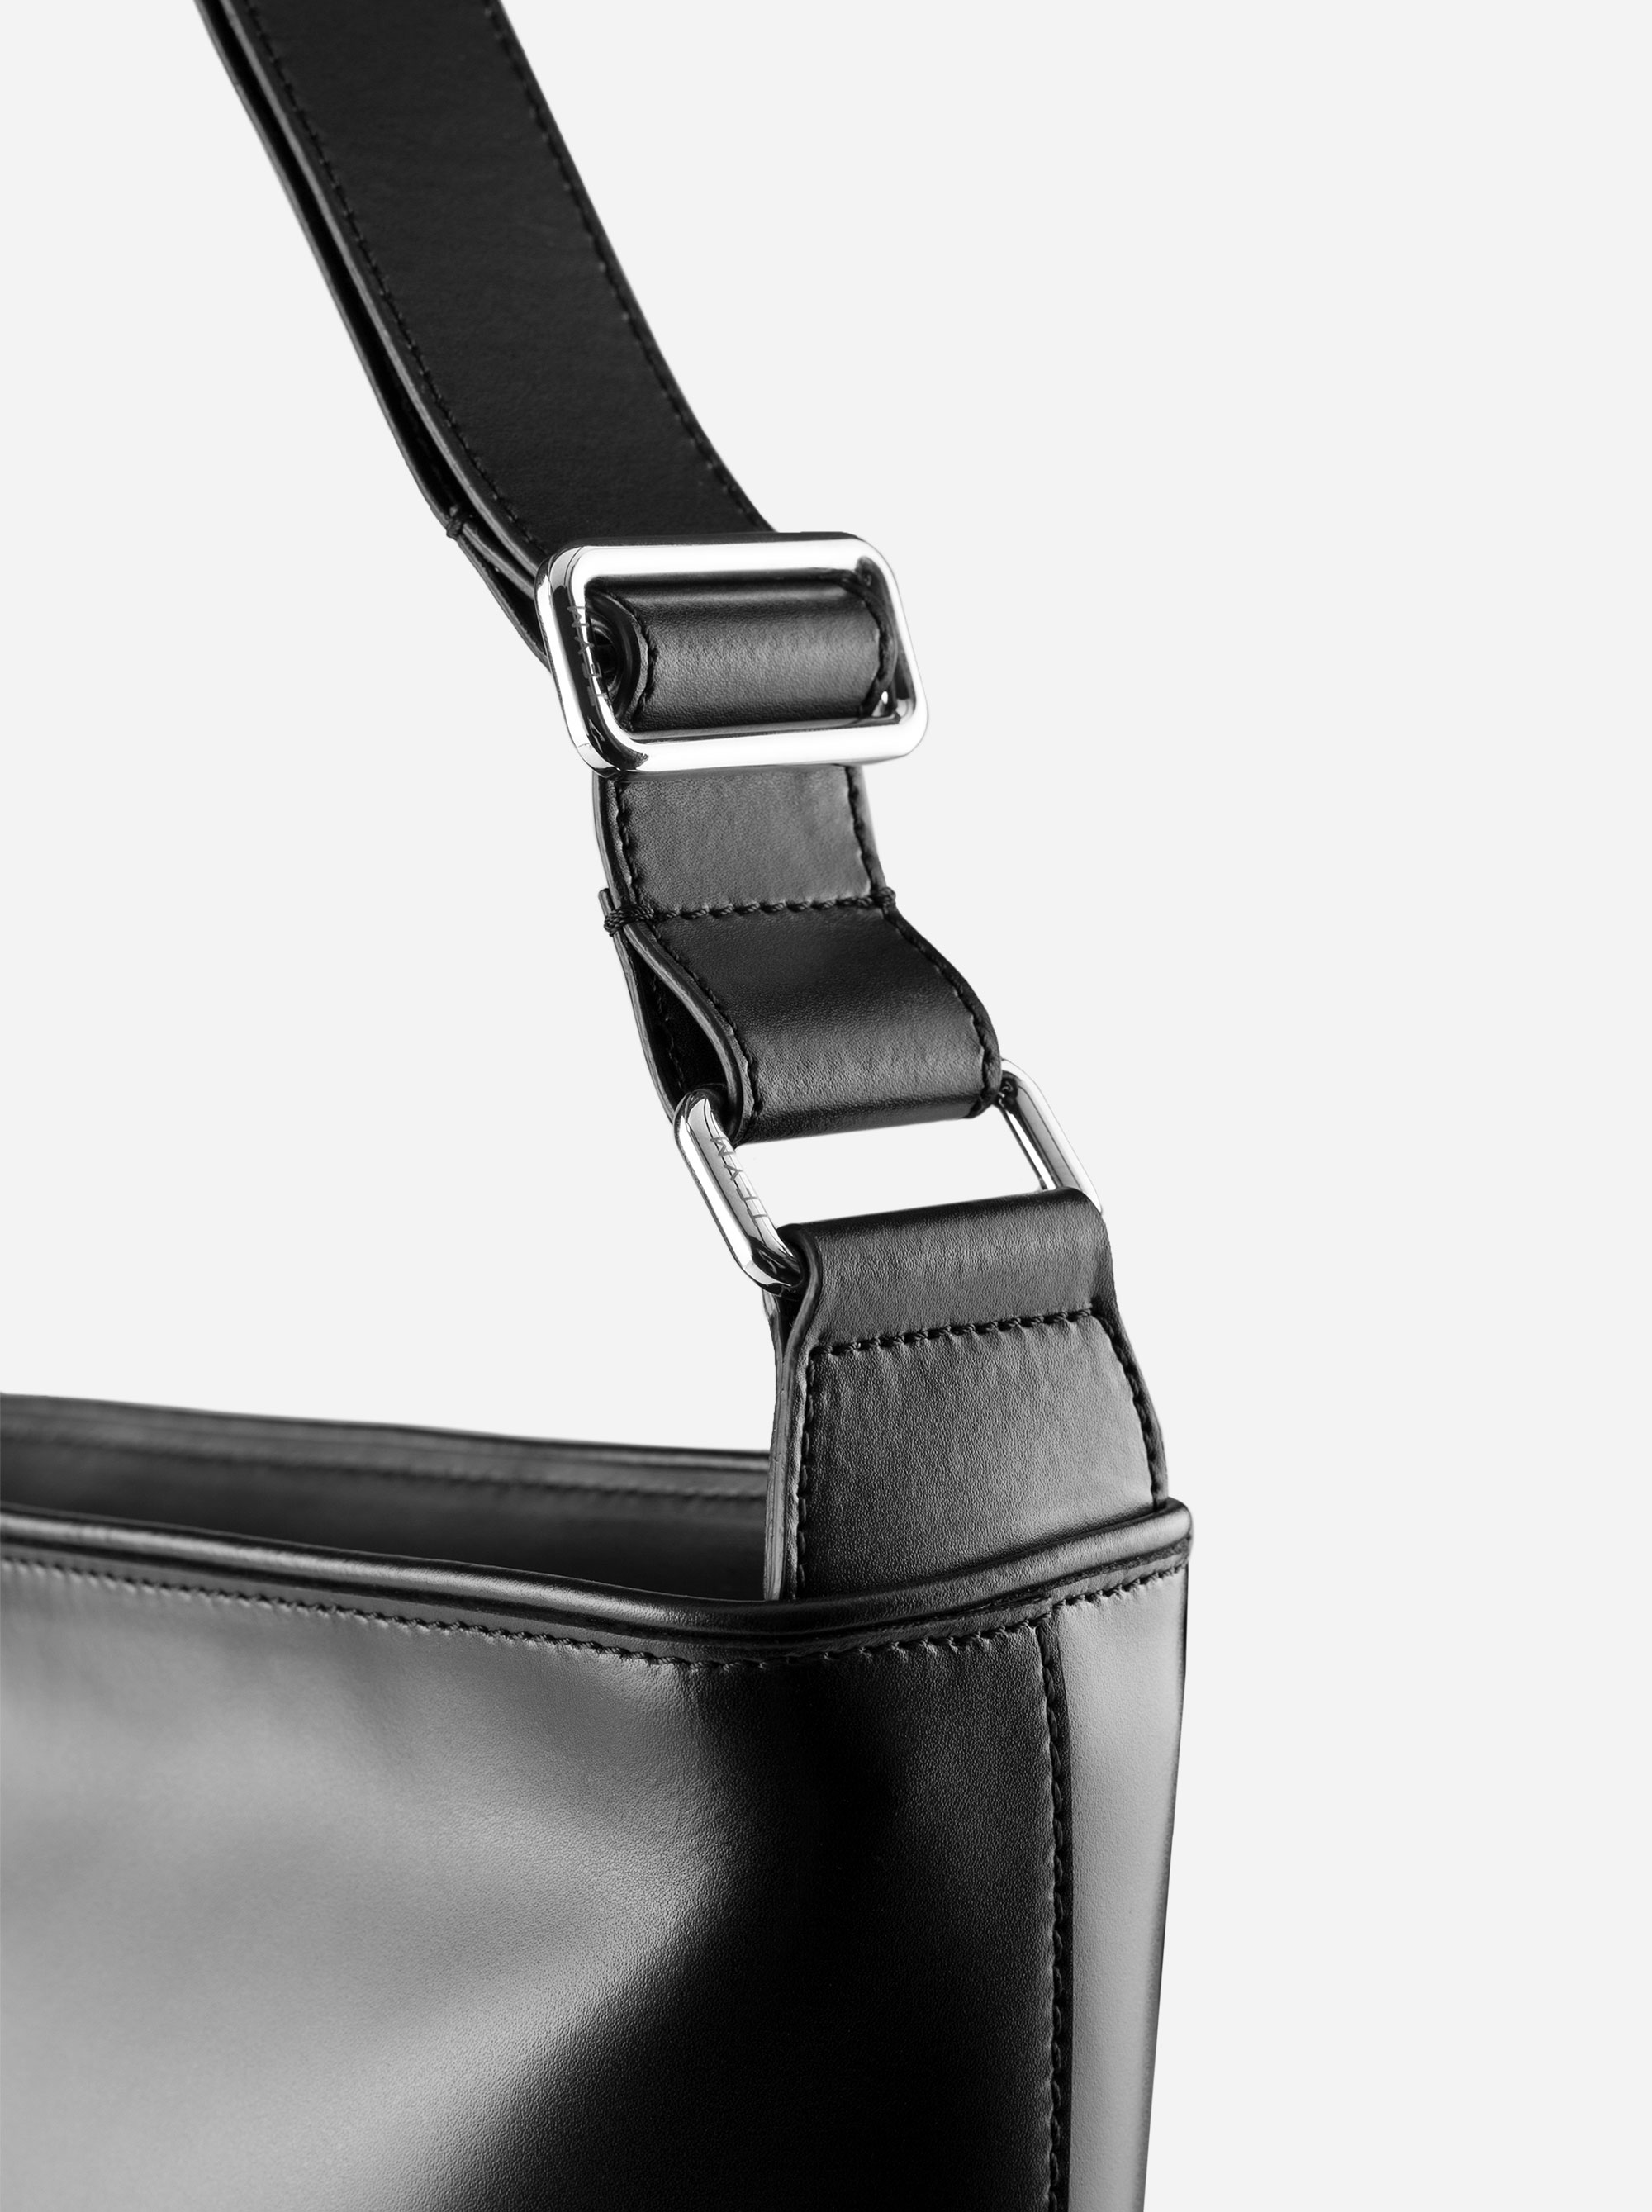 Teym - The Shoulder Bag - Black - 5